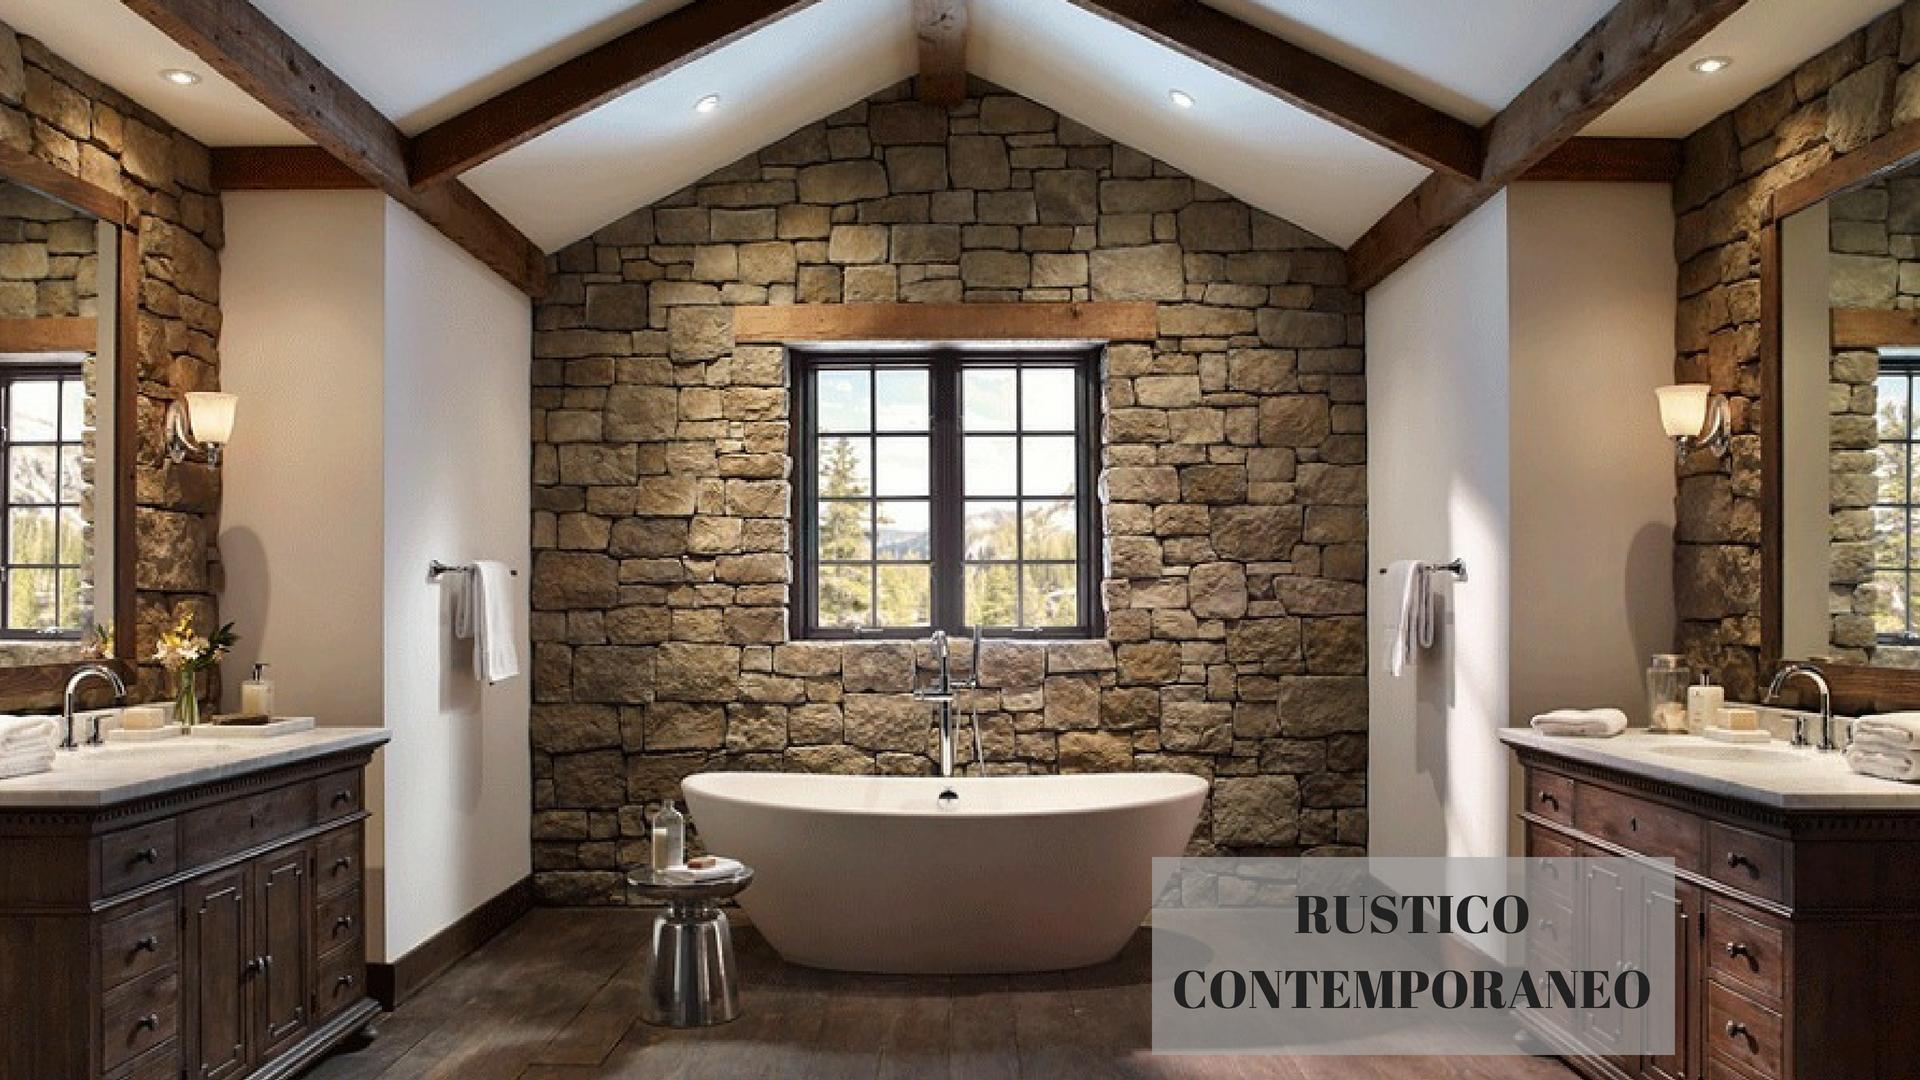 Bagno rustico autenticamente moderno sabia design center - Bagno rustico moderno ...